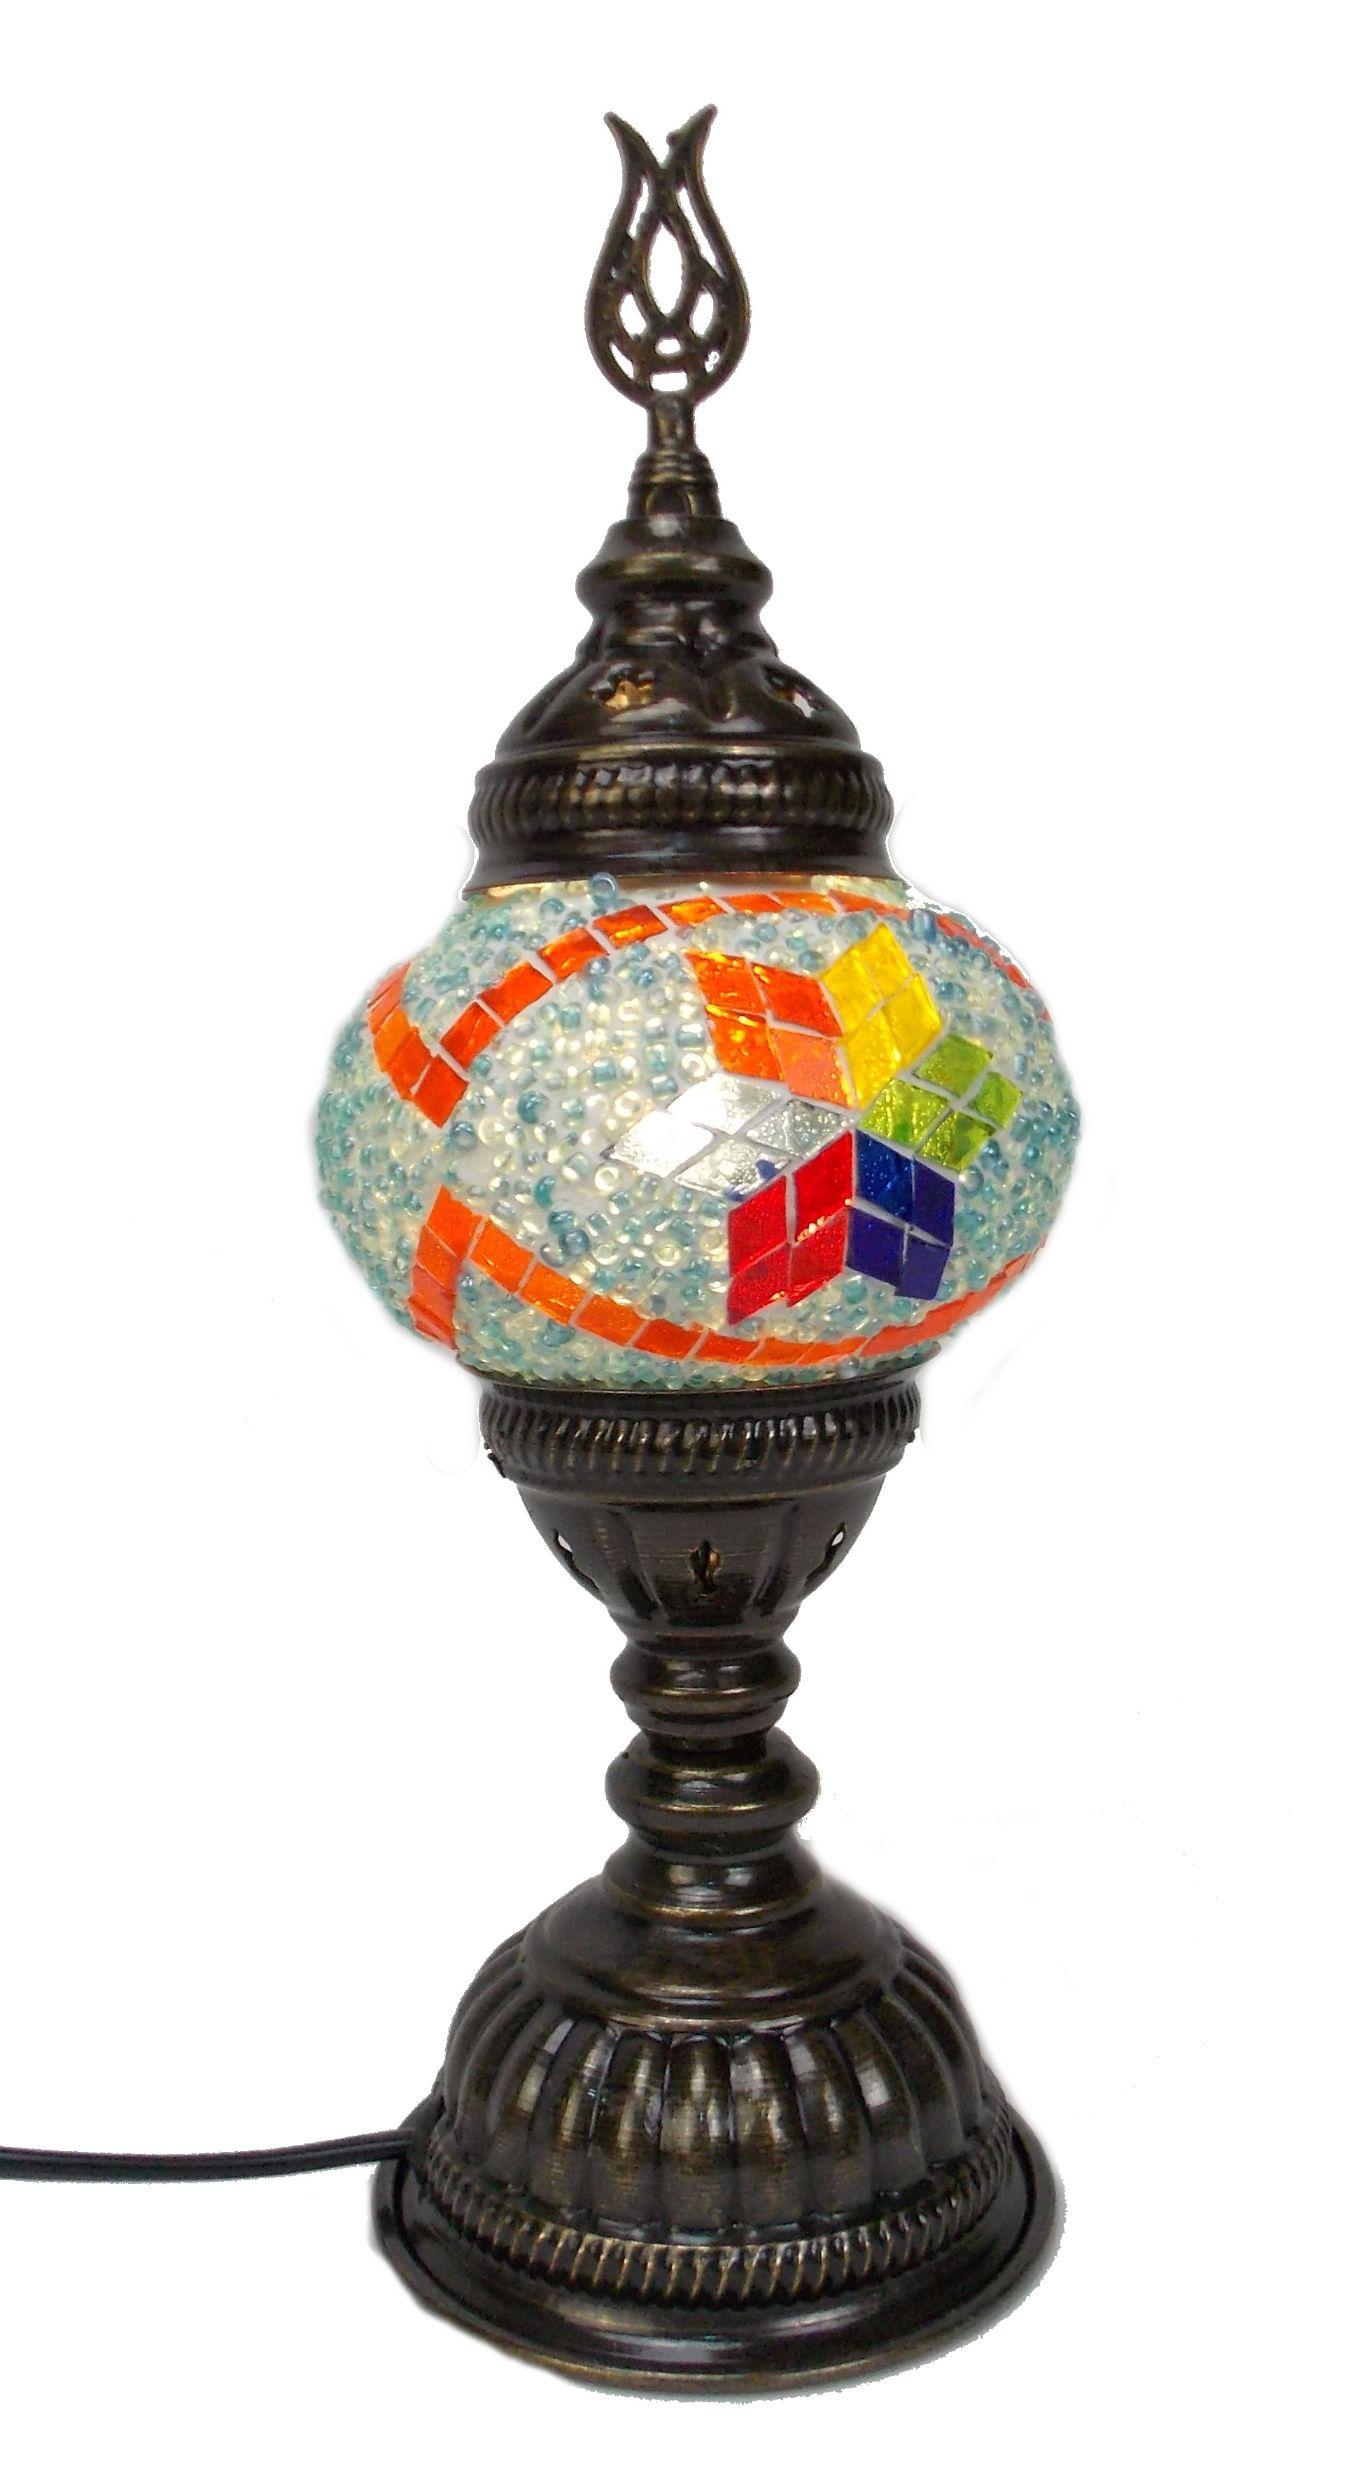 Veioza  turceasca cu glob de sticla mozaic, pe picior de metal cu h 30 cm